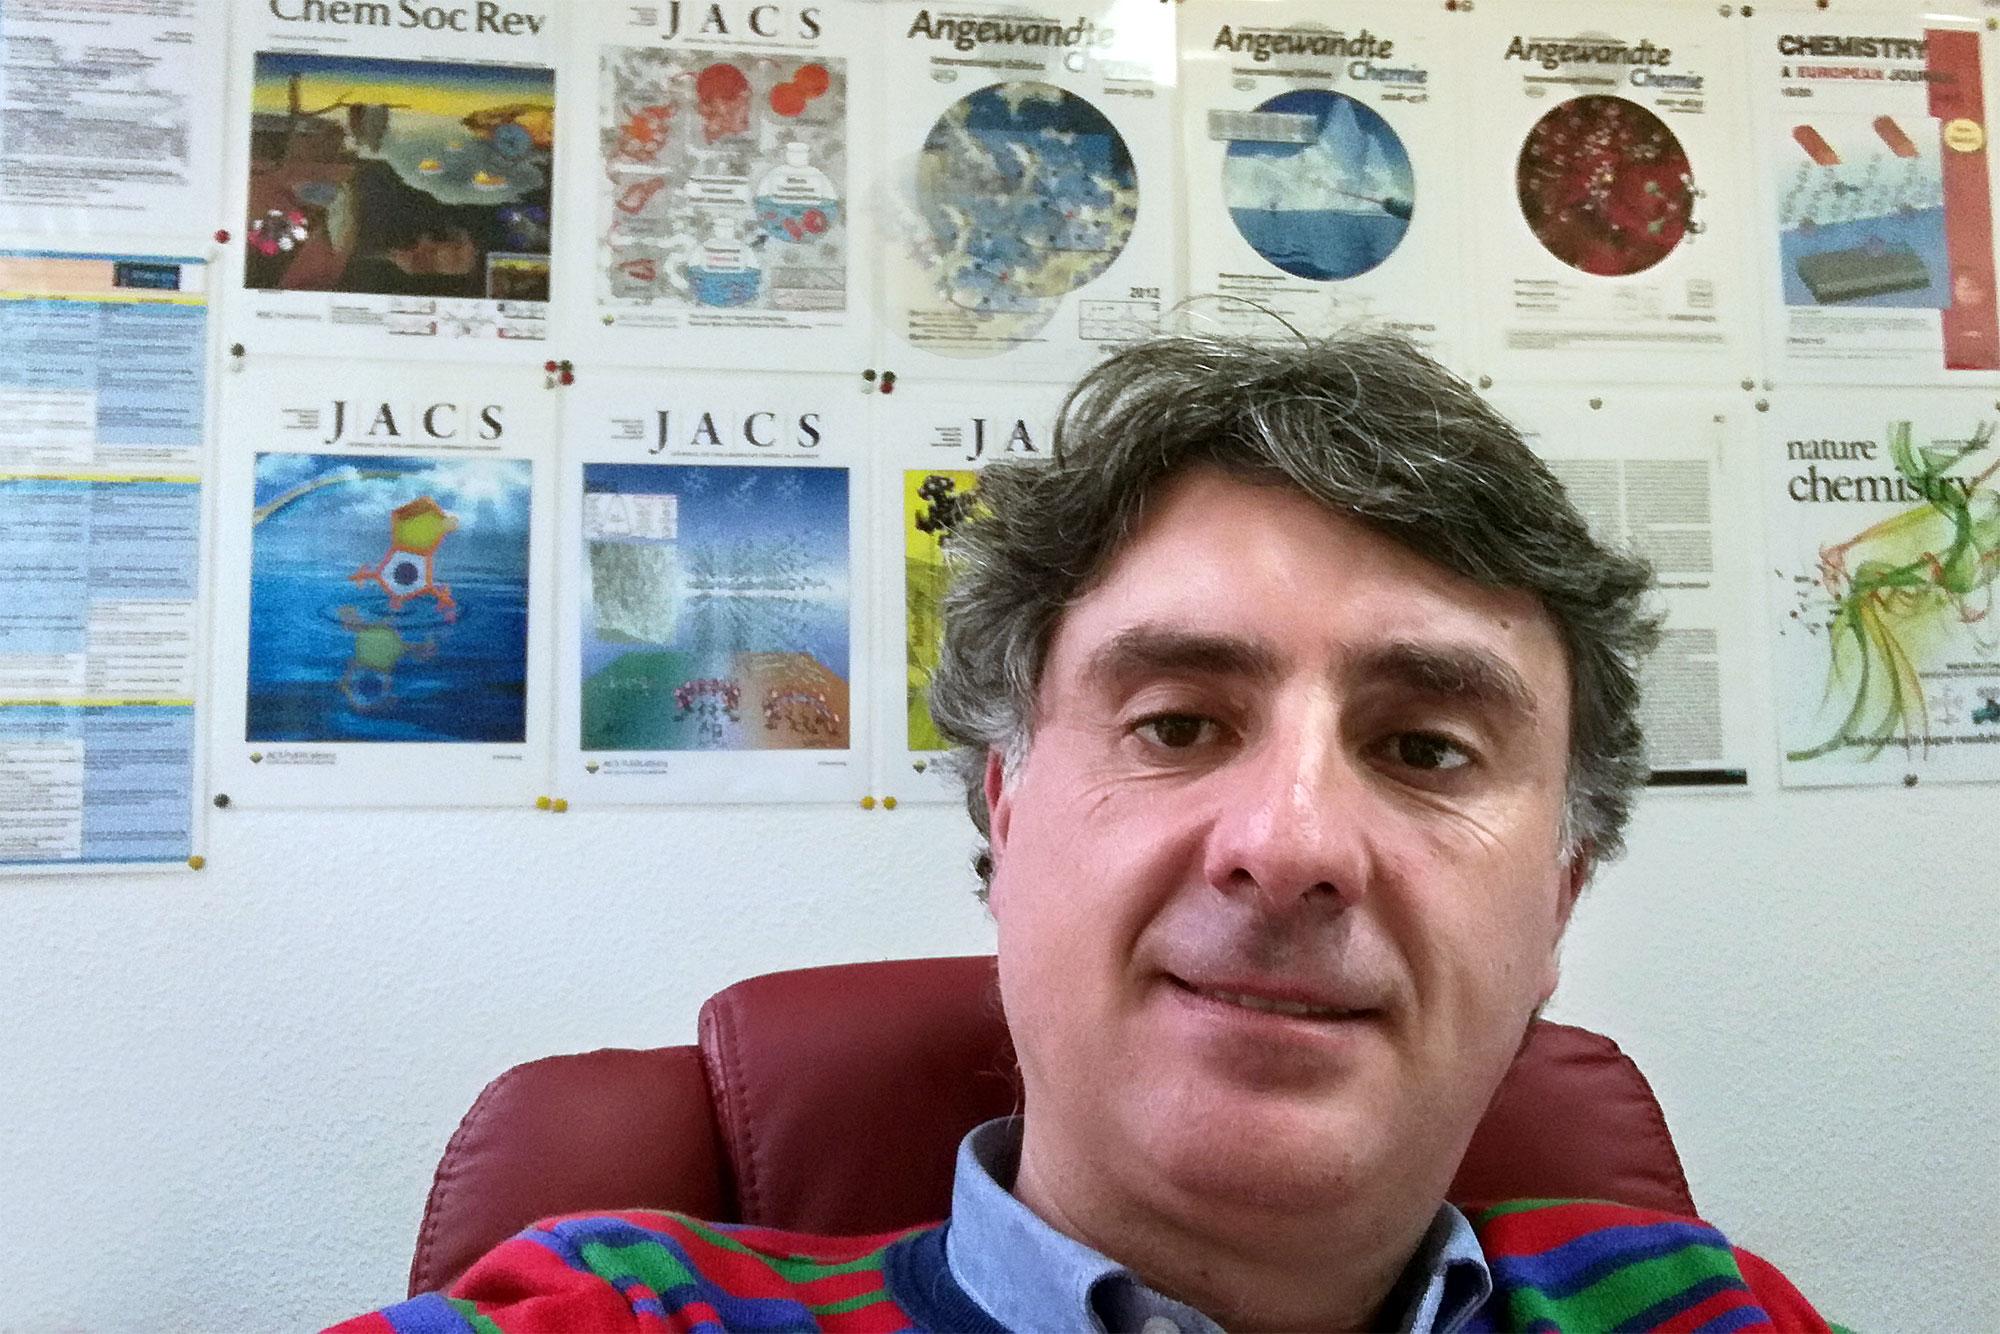 Juan Casado Cordón, primer profesor de la UMA reconocido por la revista internacional Angewandte Chemie de la Sociedad Alemana de Química